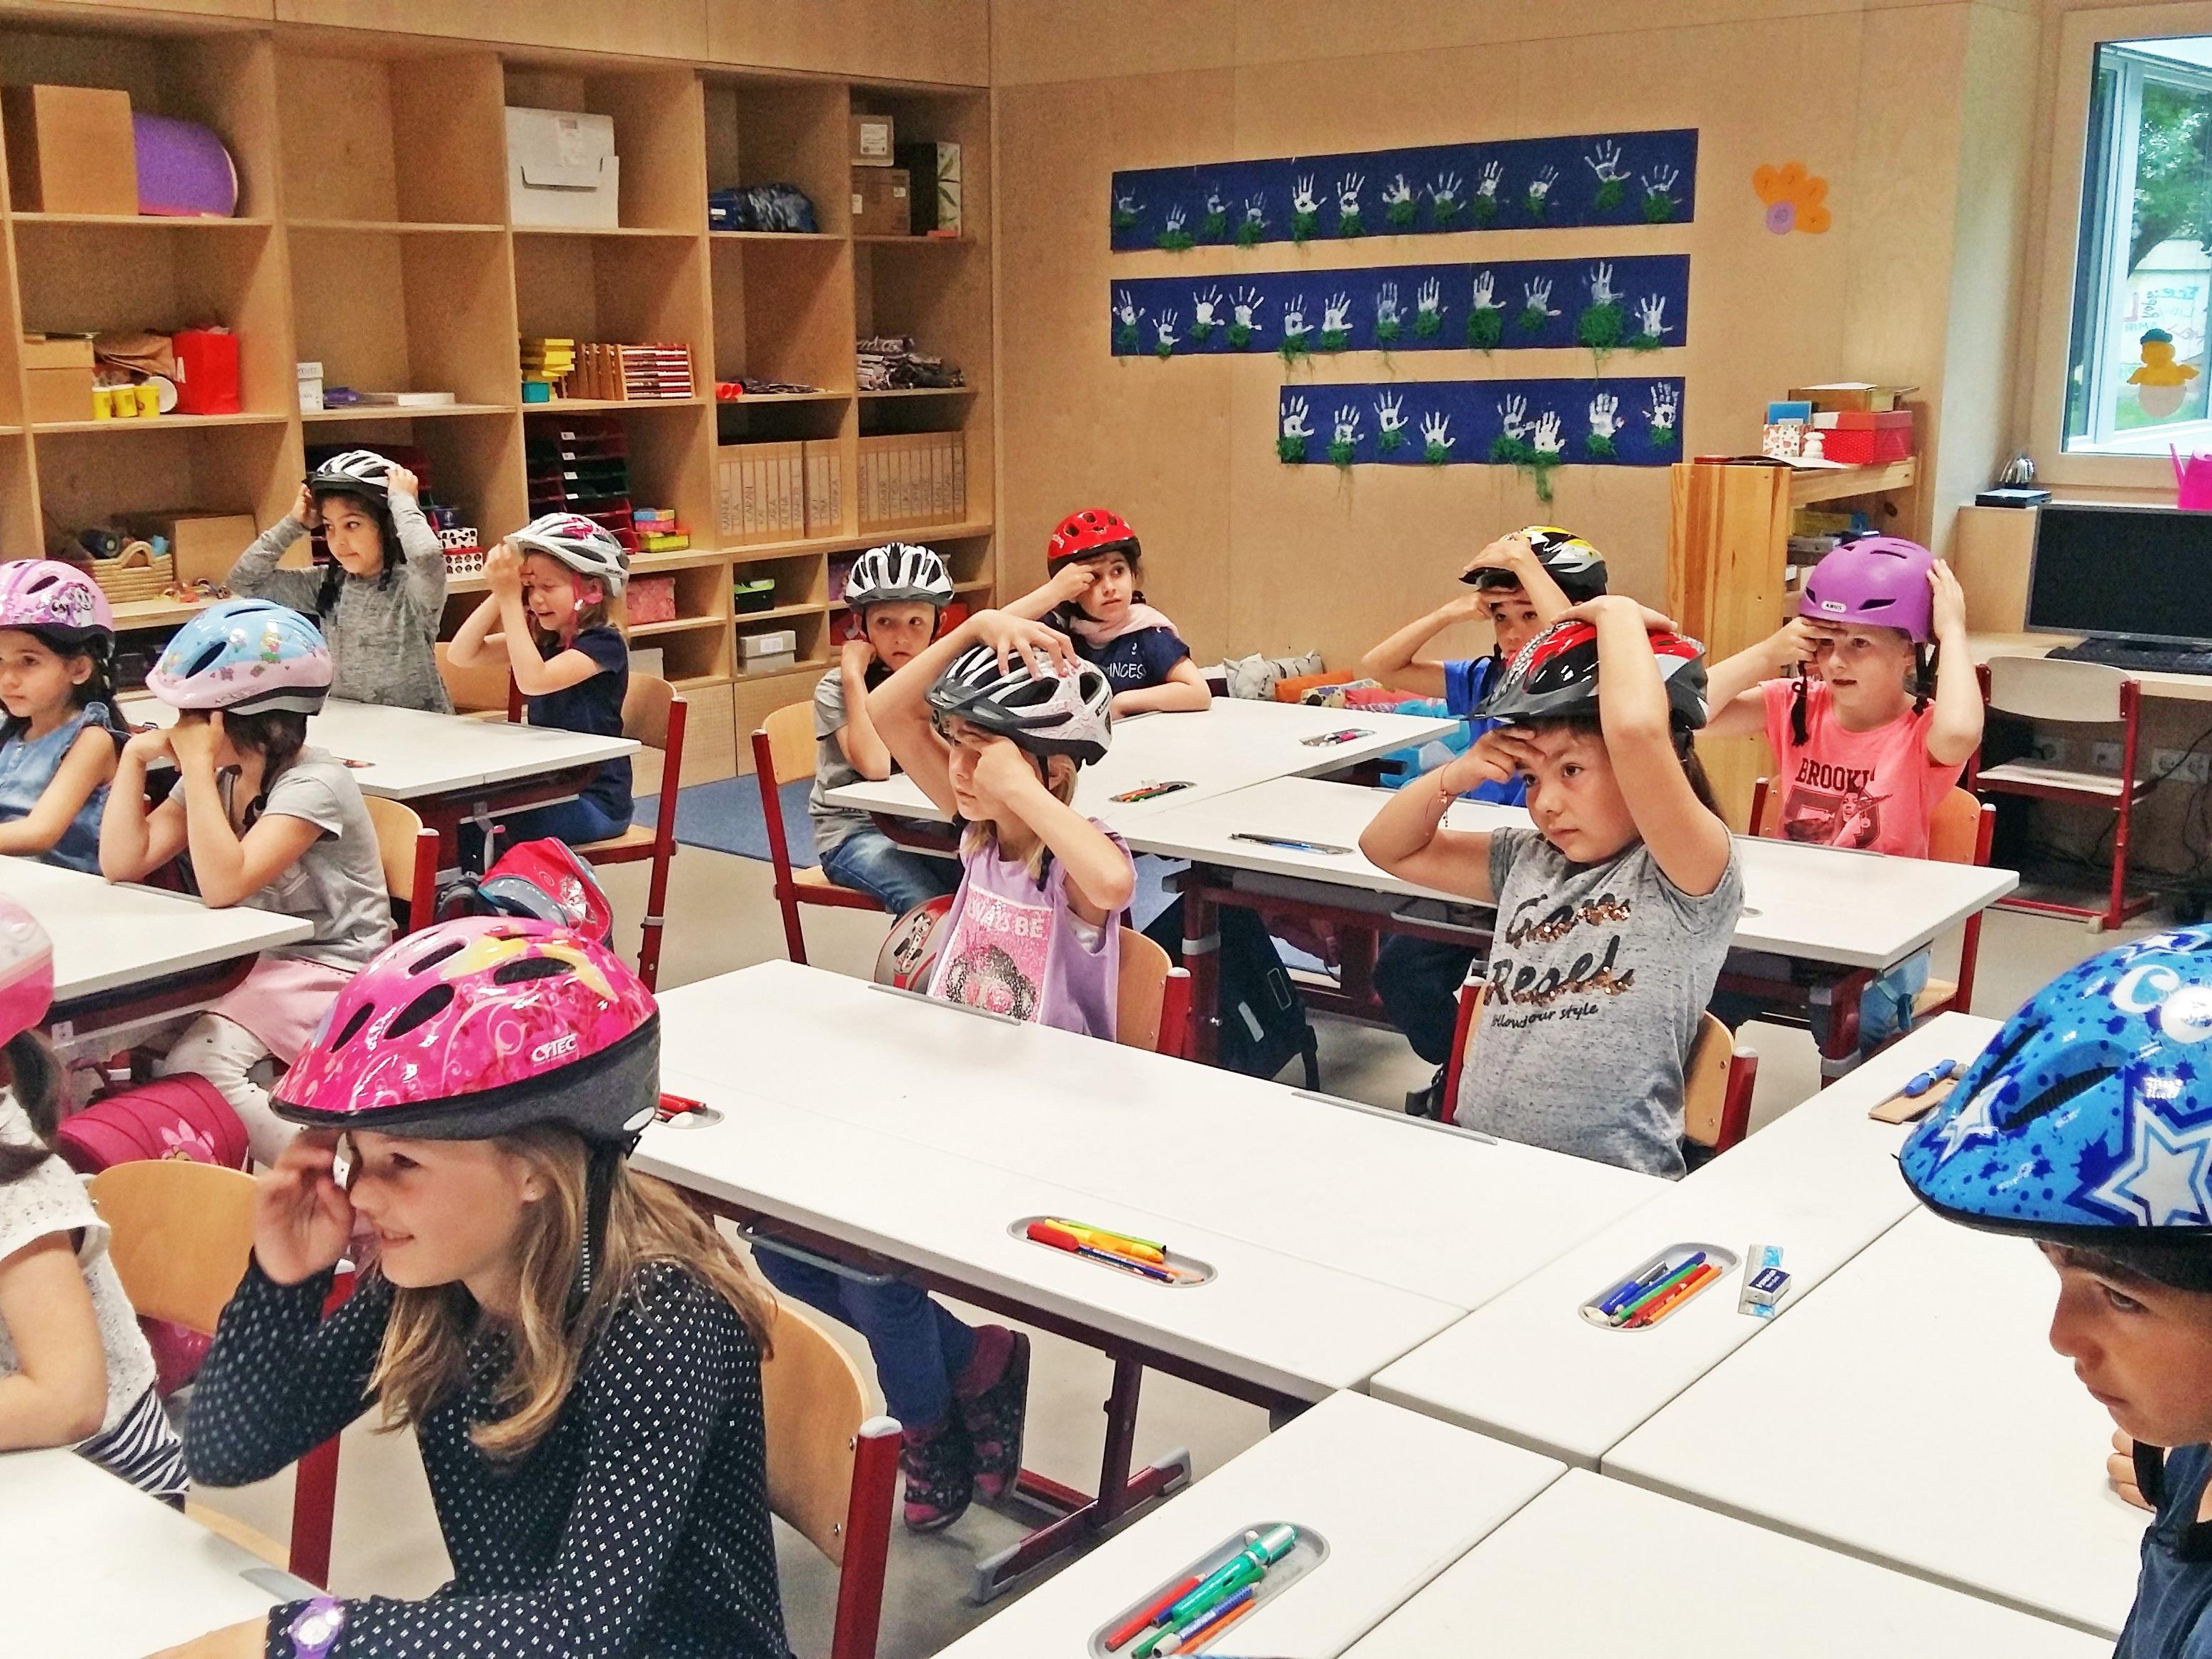 Die Kinder waren interessiert und engagiert bei der Sache.